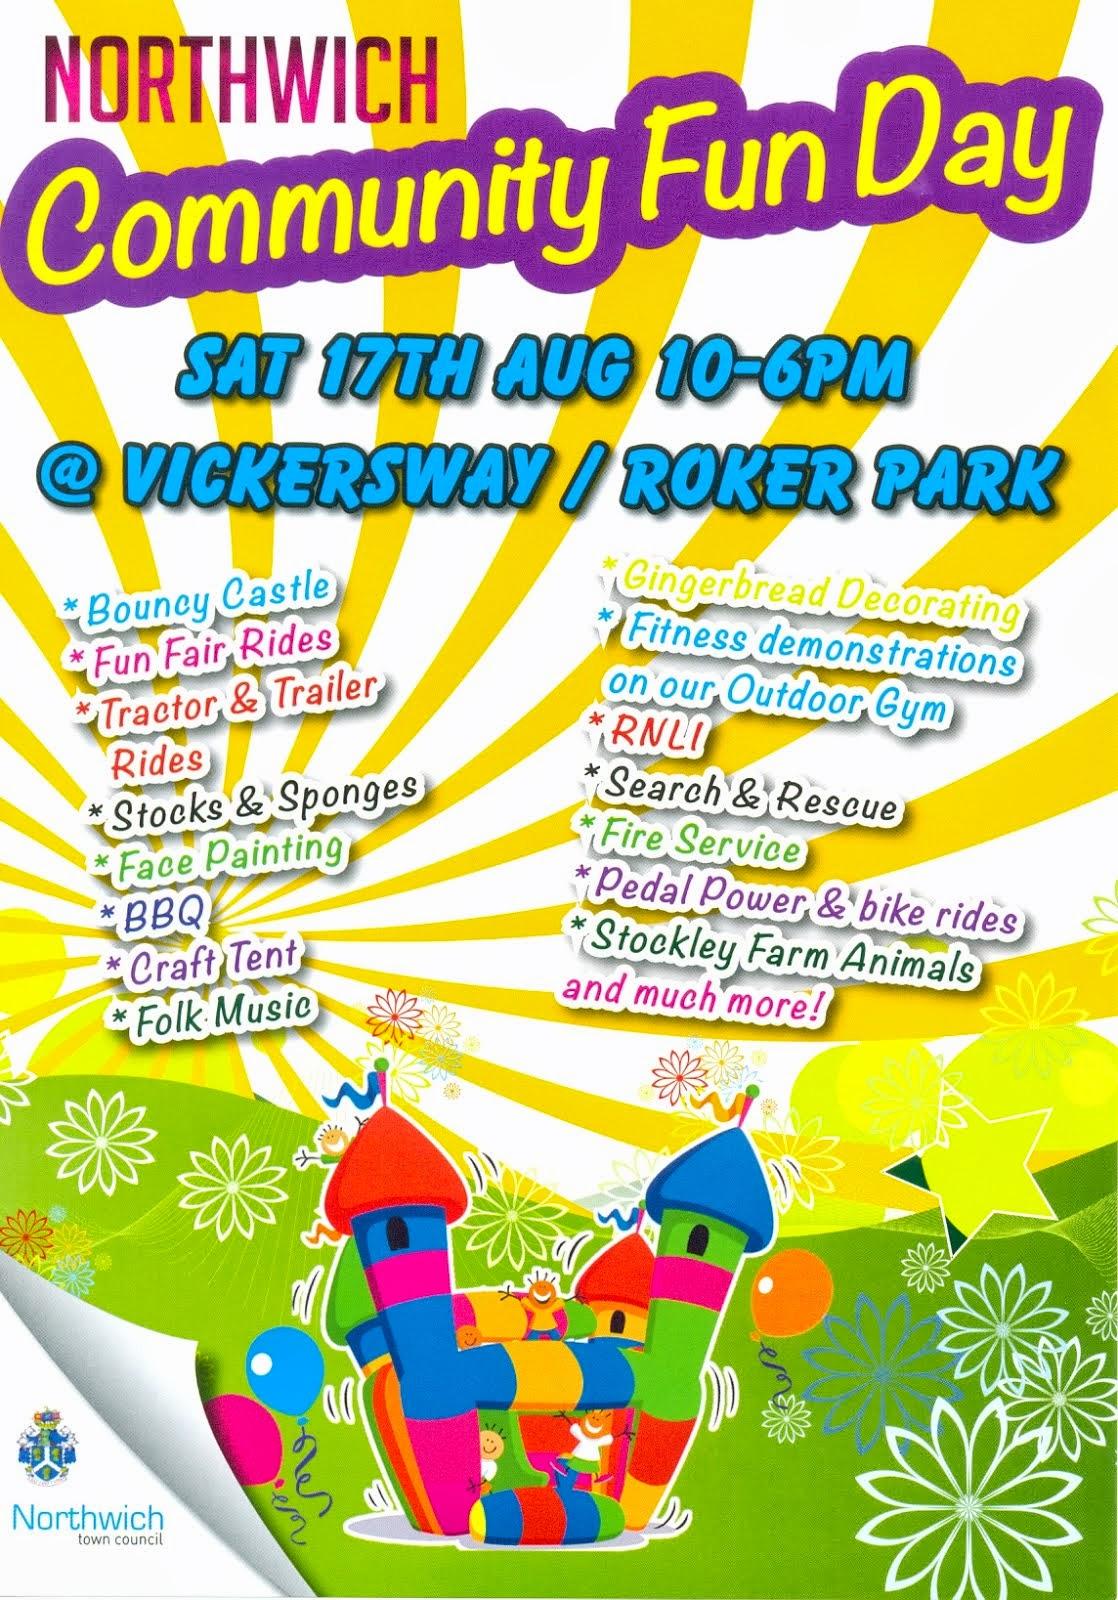 Community: DAN Community Ltd.: Northwich Community Fun Day